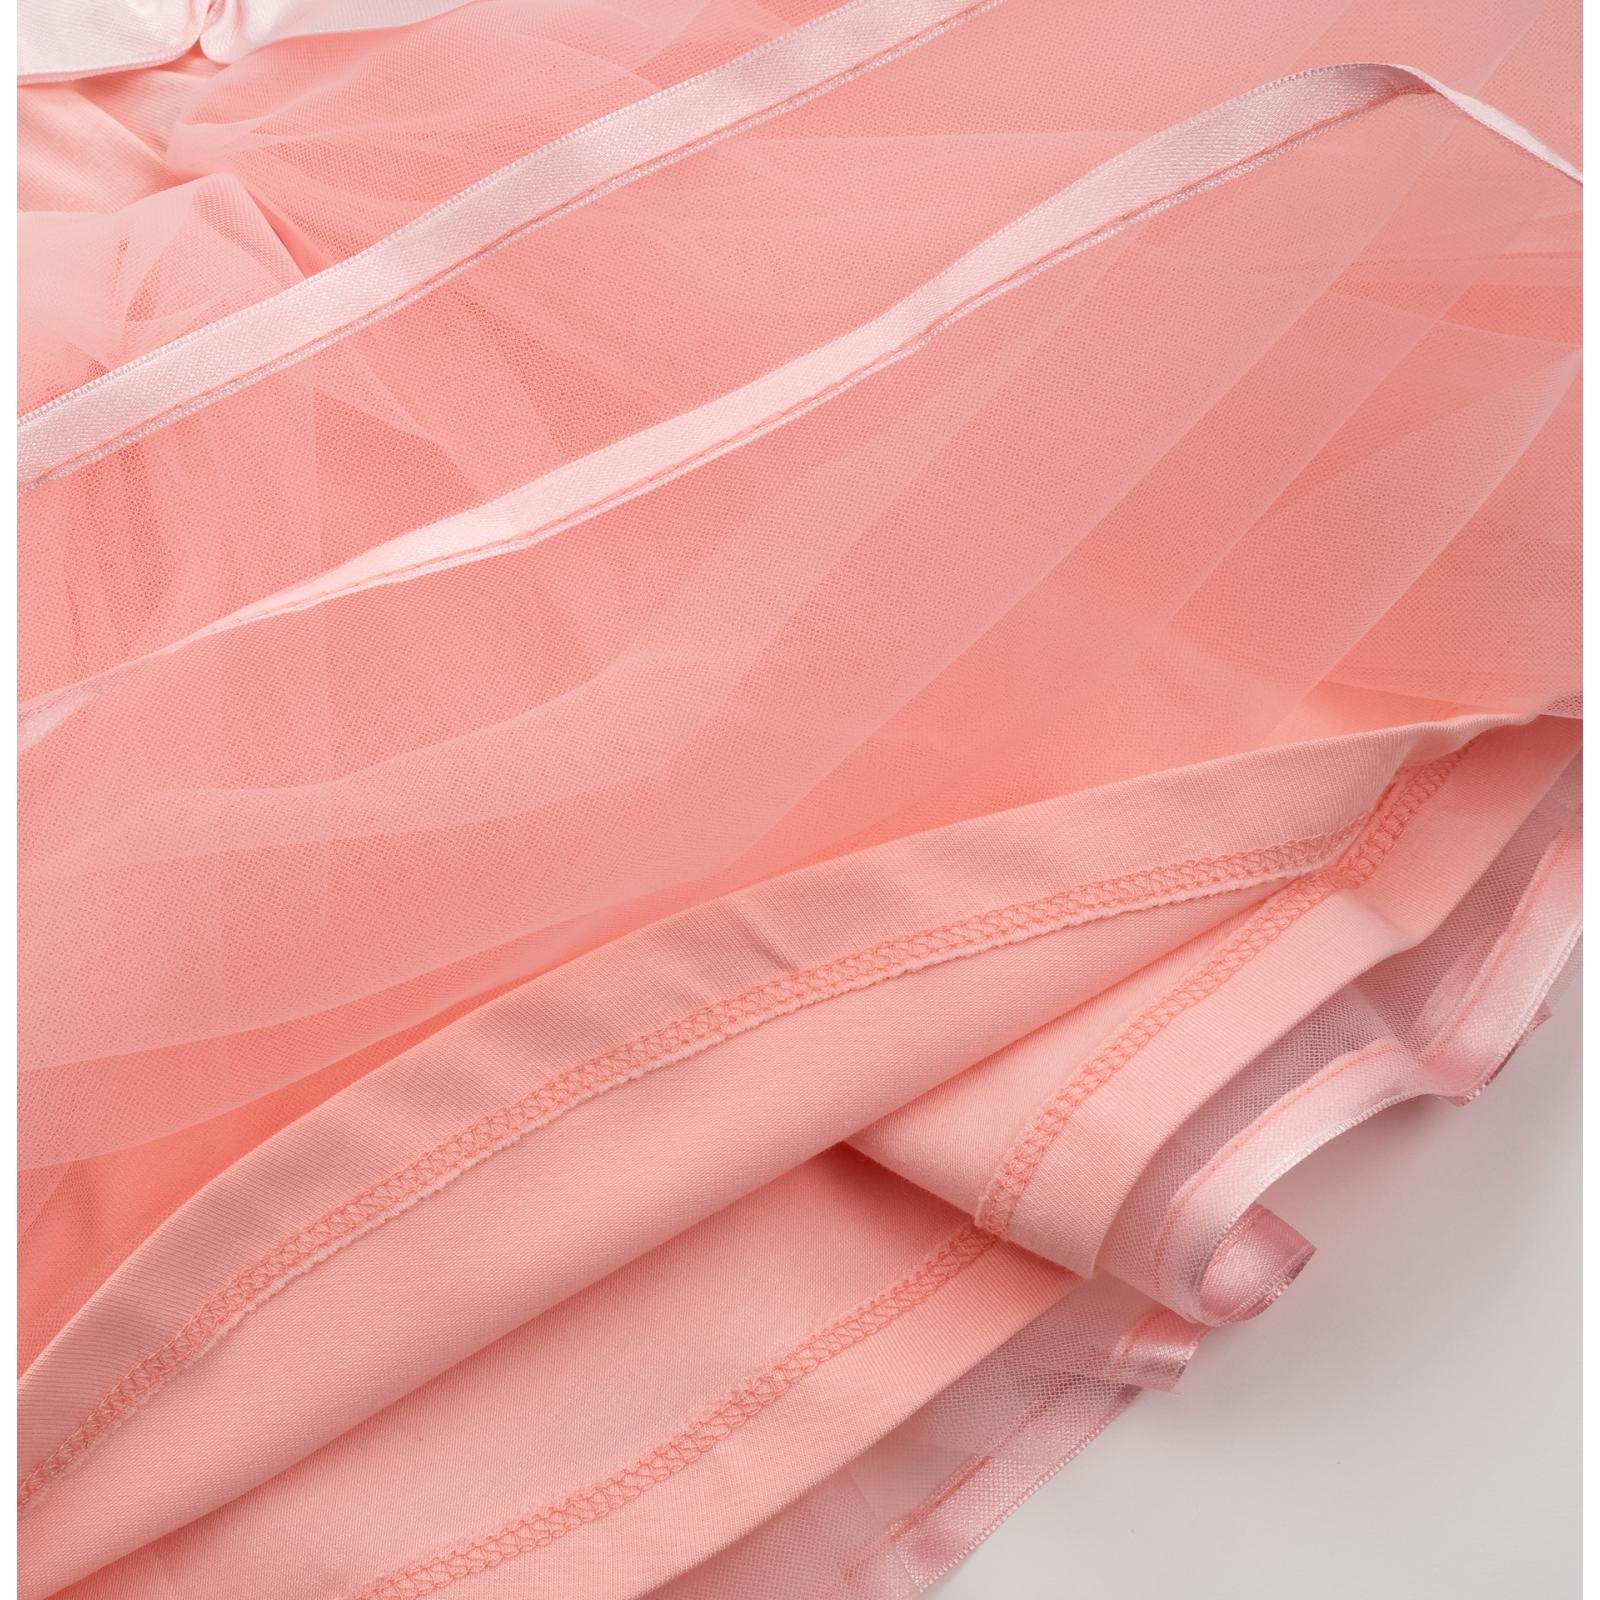 Юбка Breeze фатиновая многослойная (7362-128G-peach) изображение 4